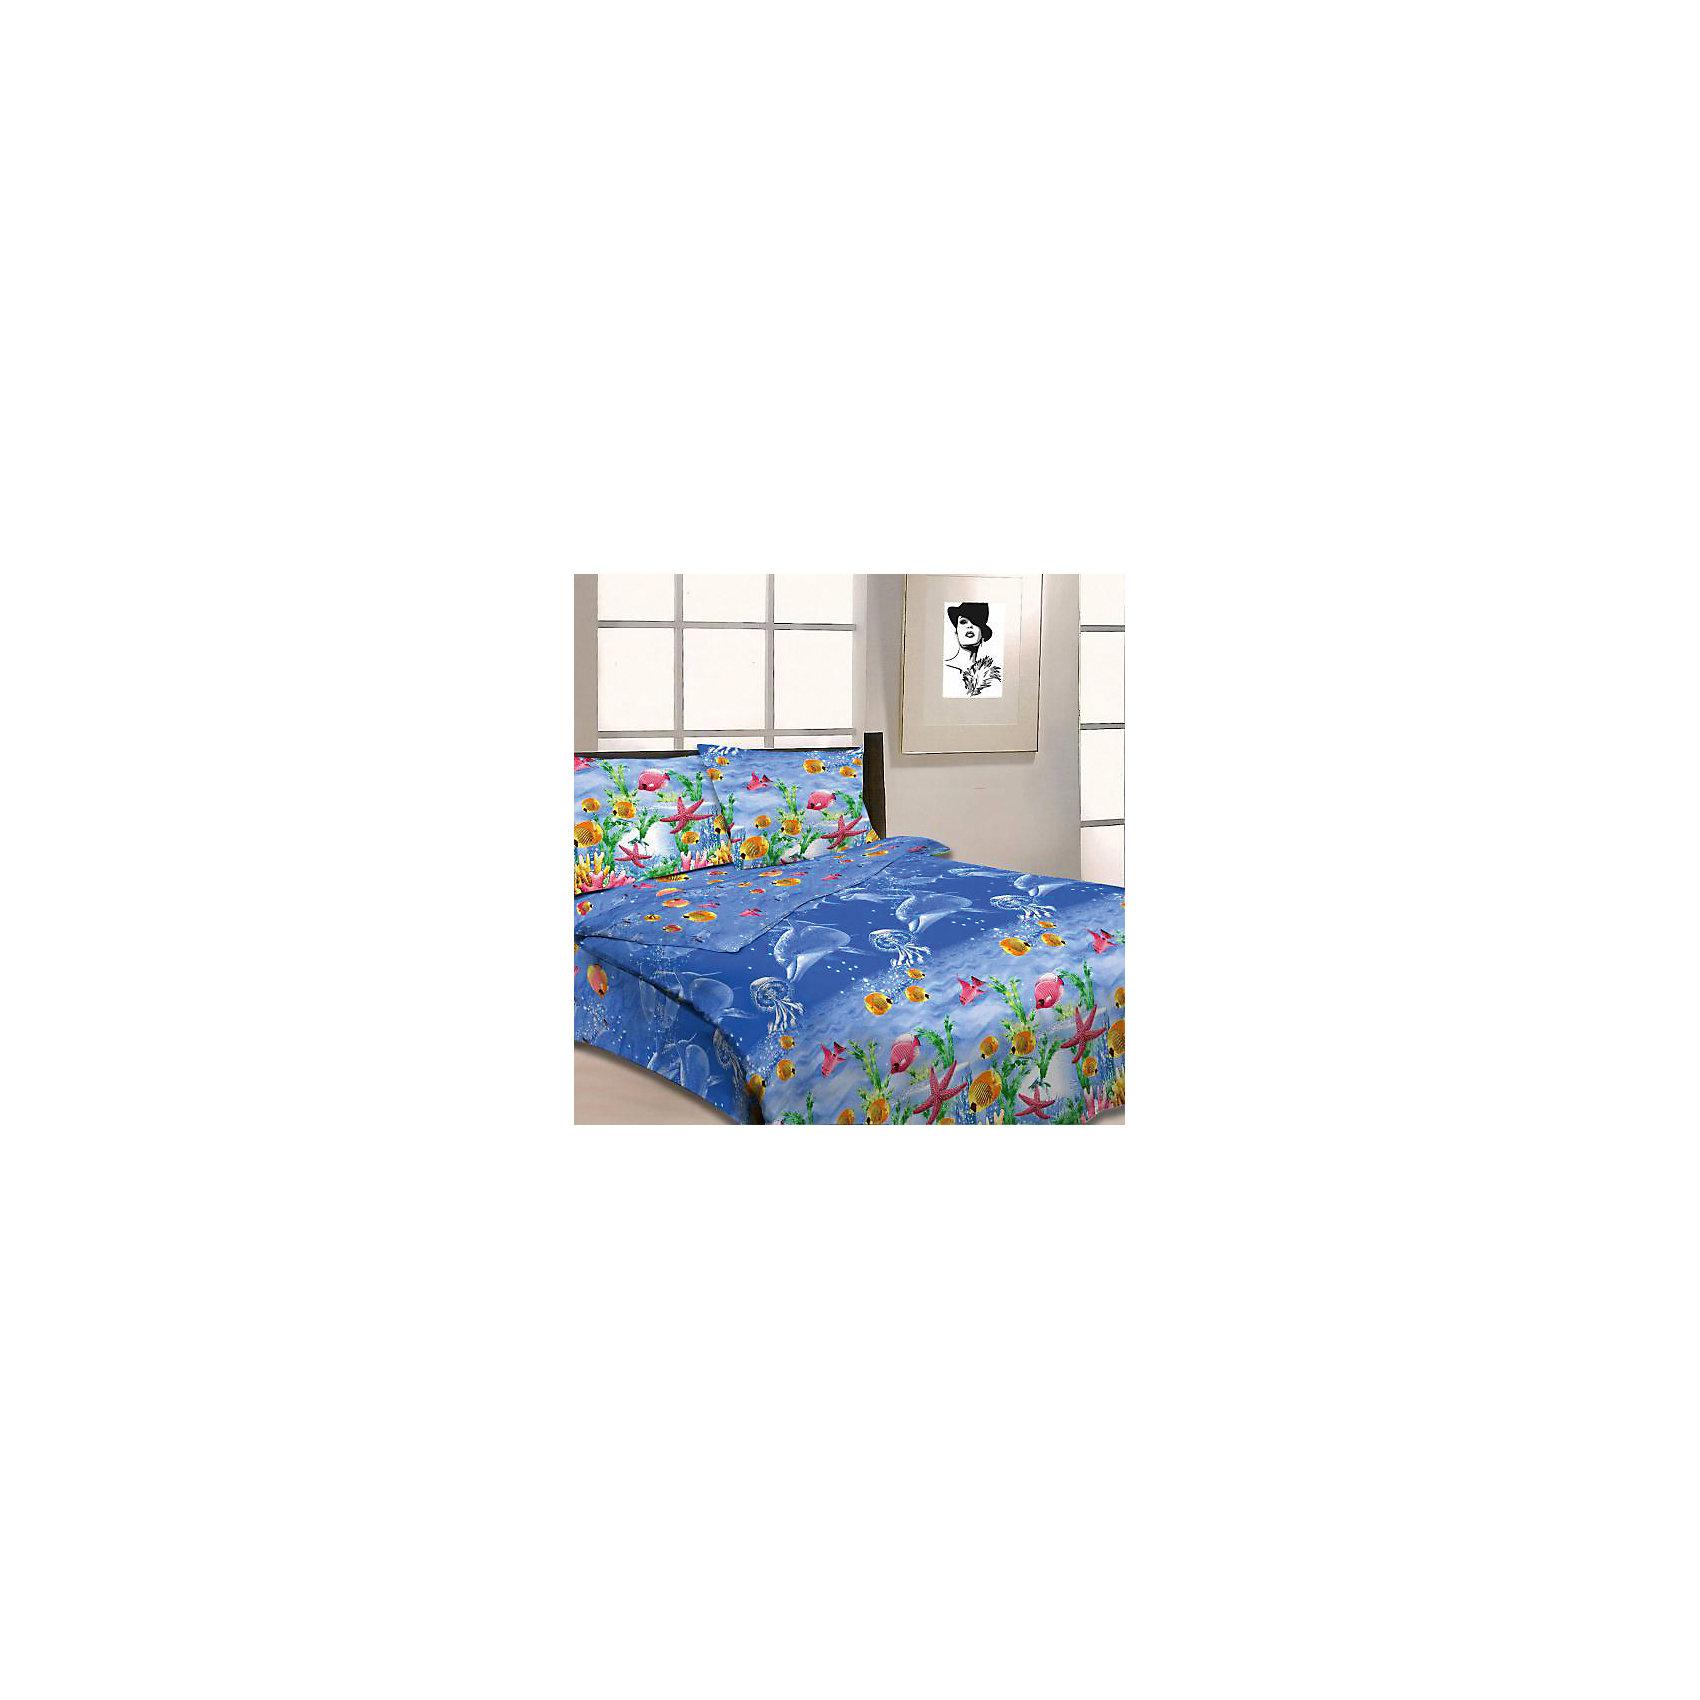 Letto Комплект 3D Морской мир 1,5-спальный (2 наволочки 70х70см), Letto комплект белья letto народные узоры 1 5 спальный наволочки 70х70 цвет красный белый бордовый